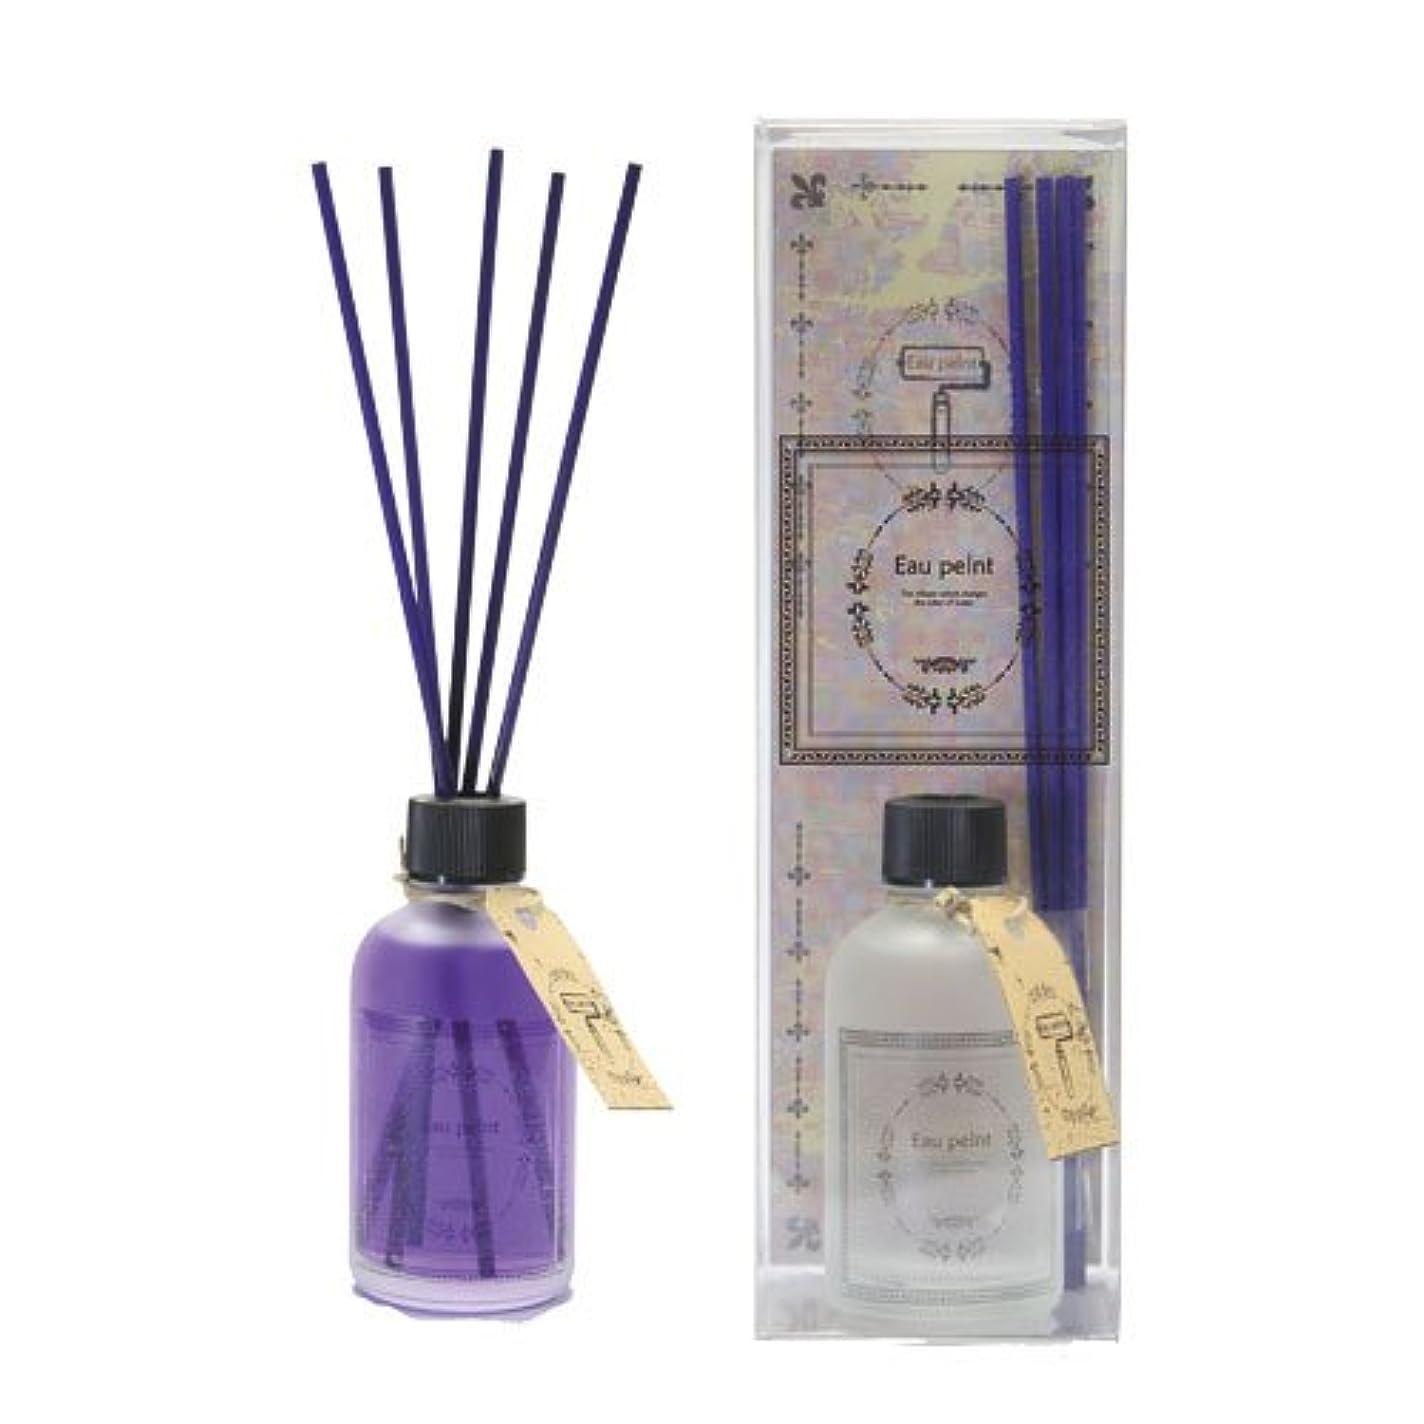 おいしい霊同盟Eau peint オーペイント リードディフューザー 60ml パープルジャスミン(Purple Jasmine)